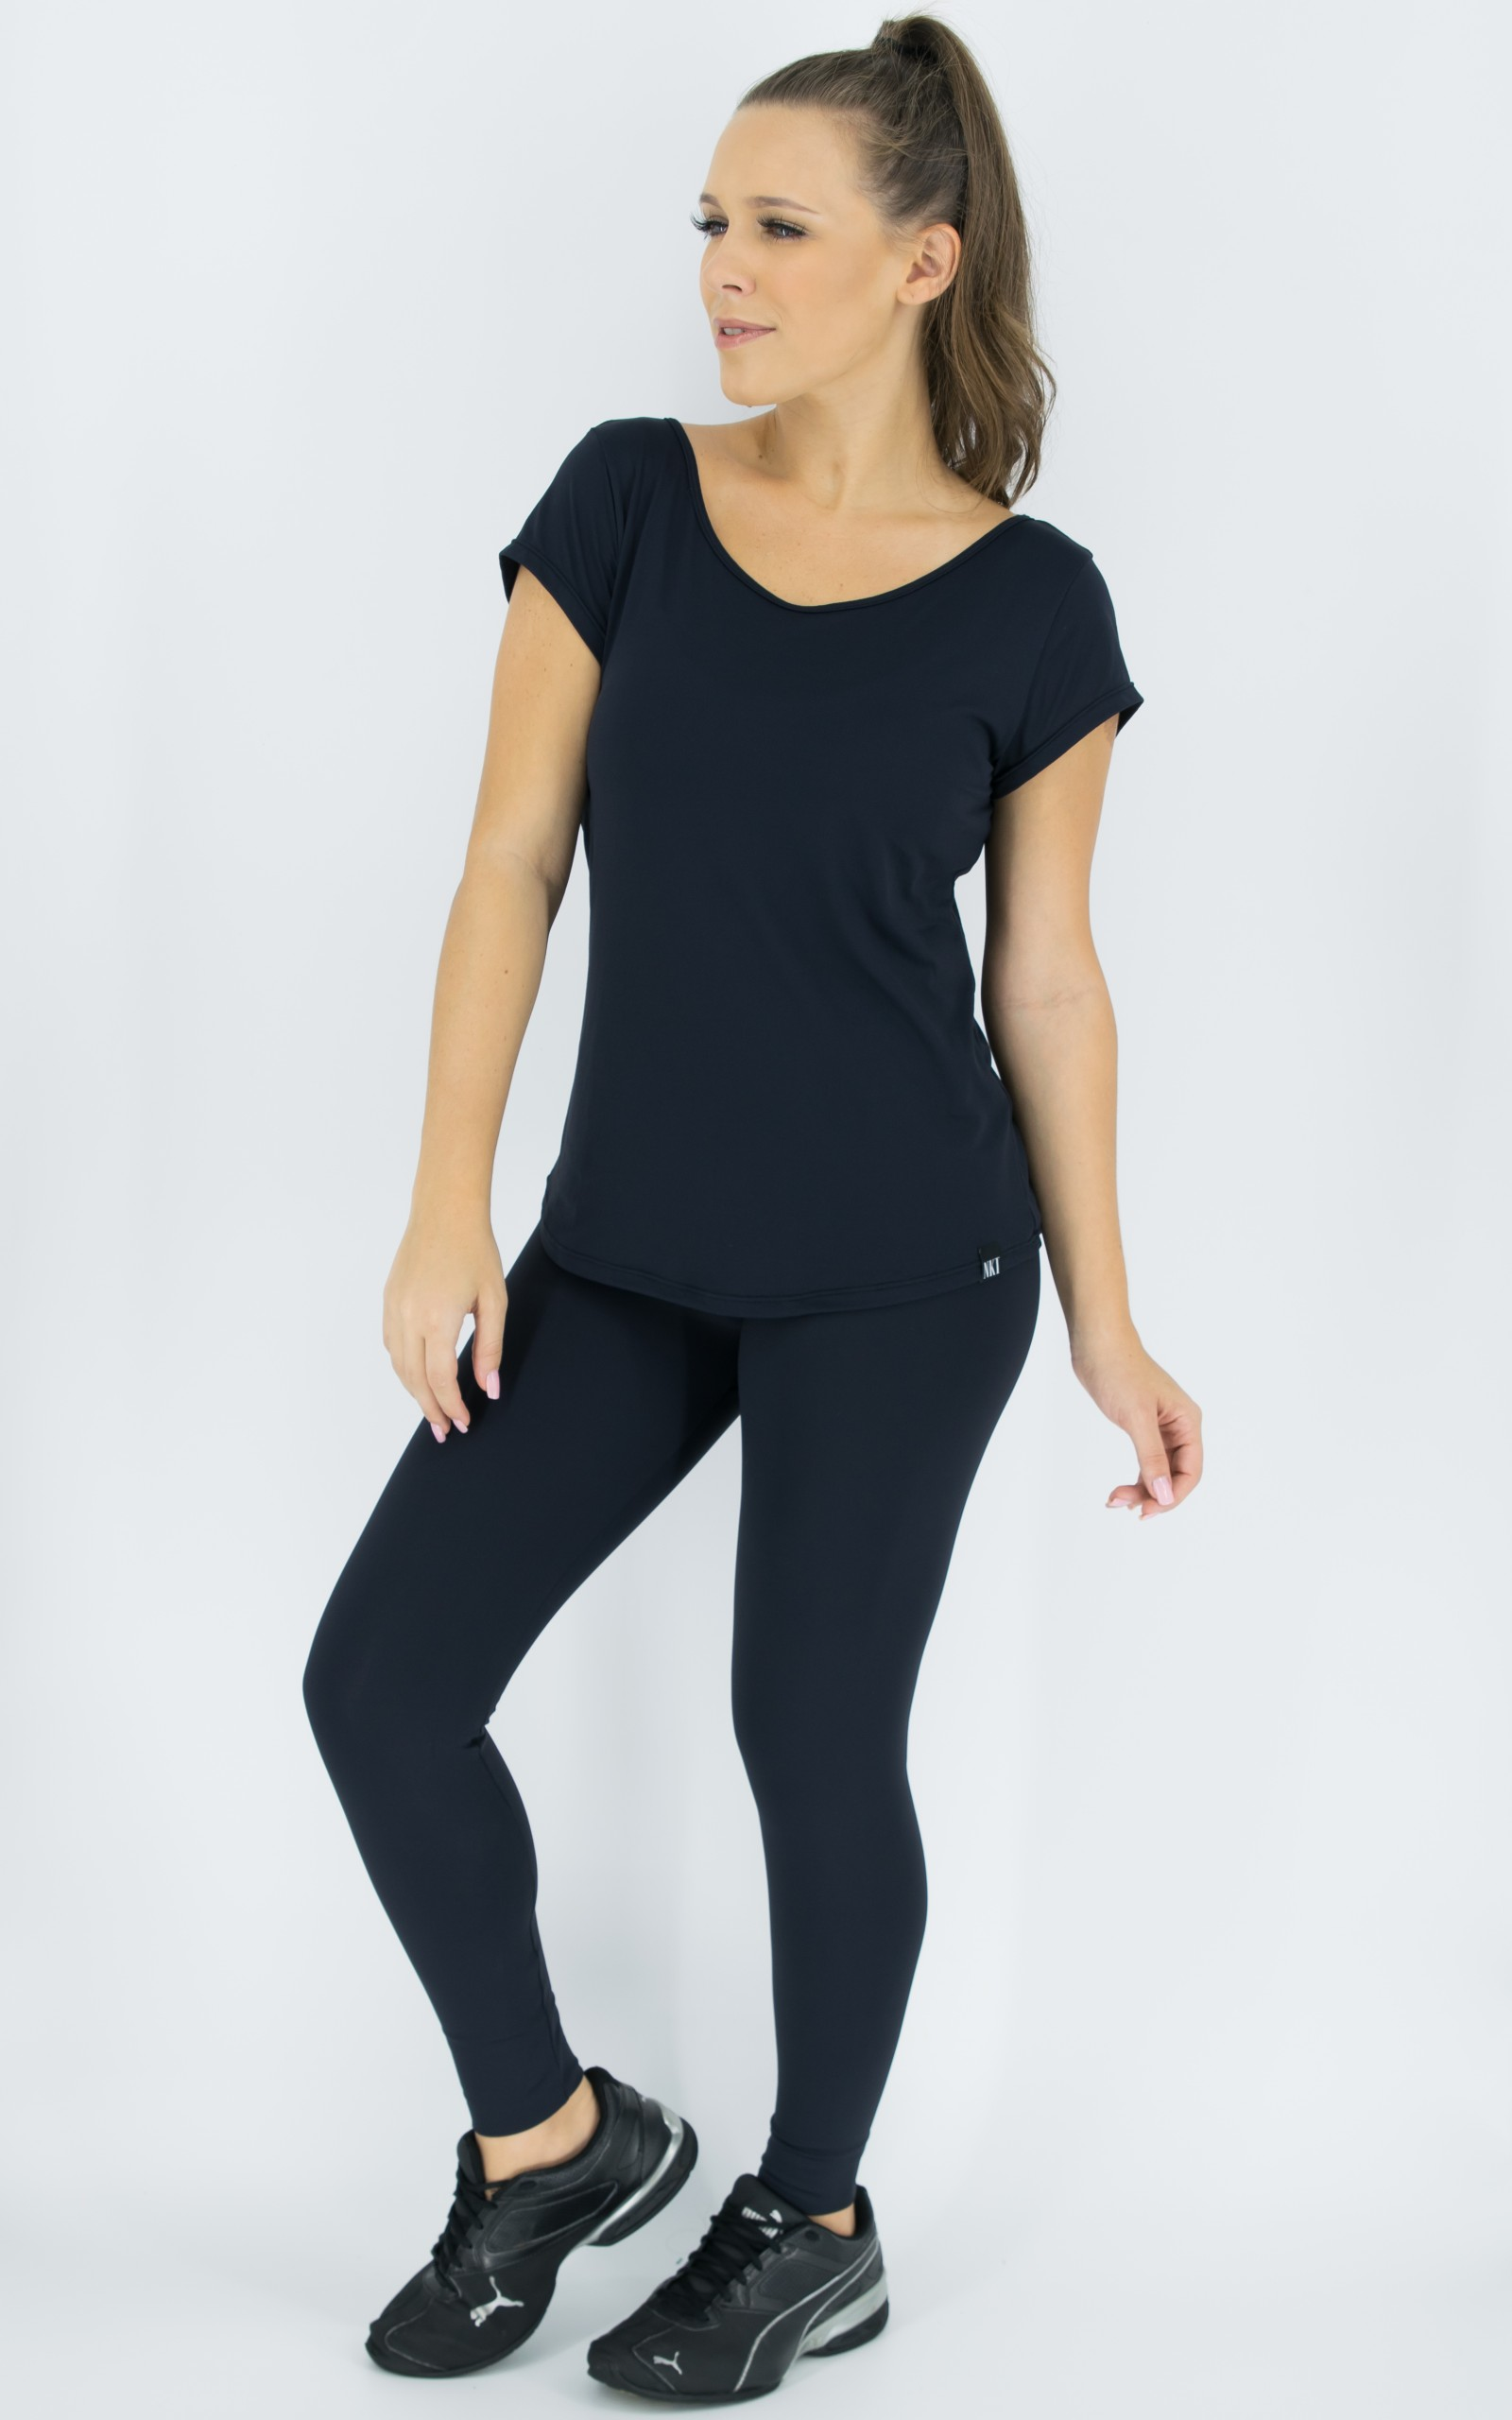 Blusa Special Preta, Coleção Move Your Body - NKT Fitwear Moda Fitness